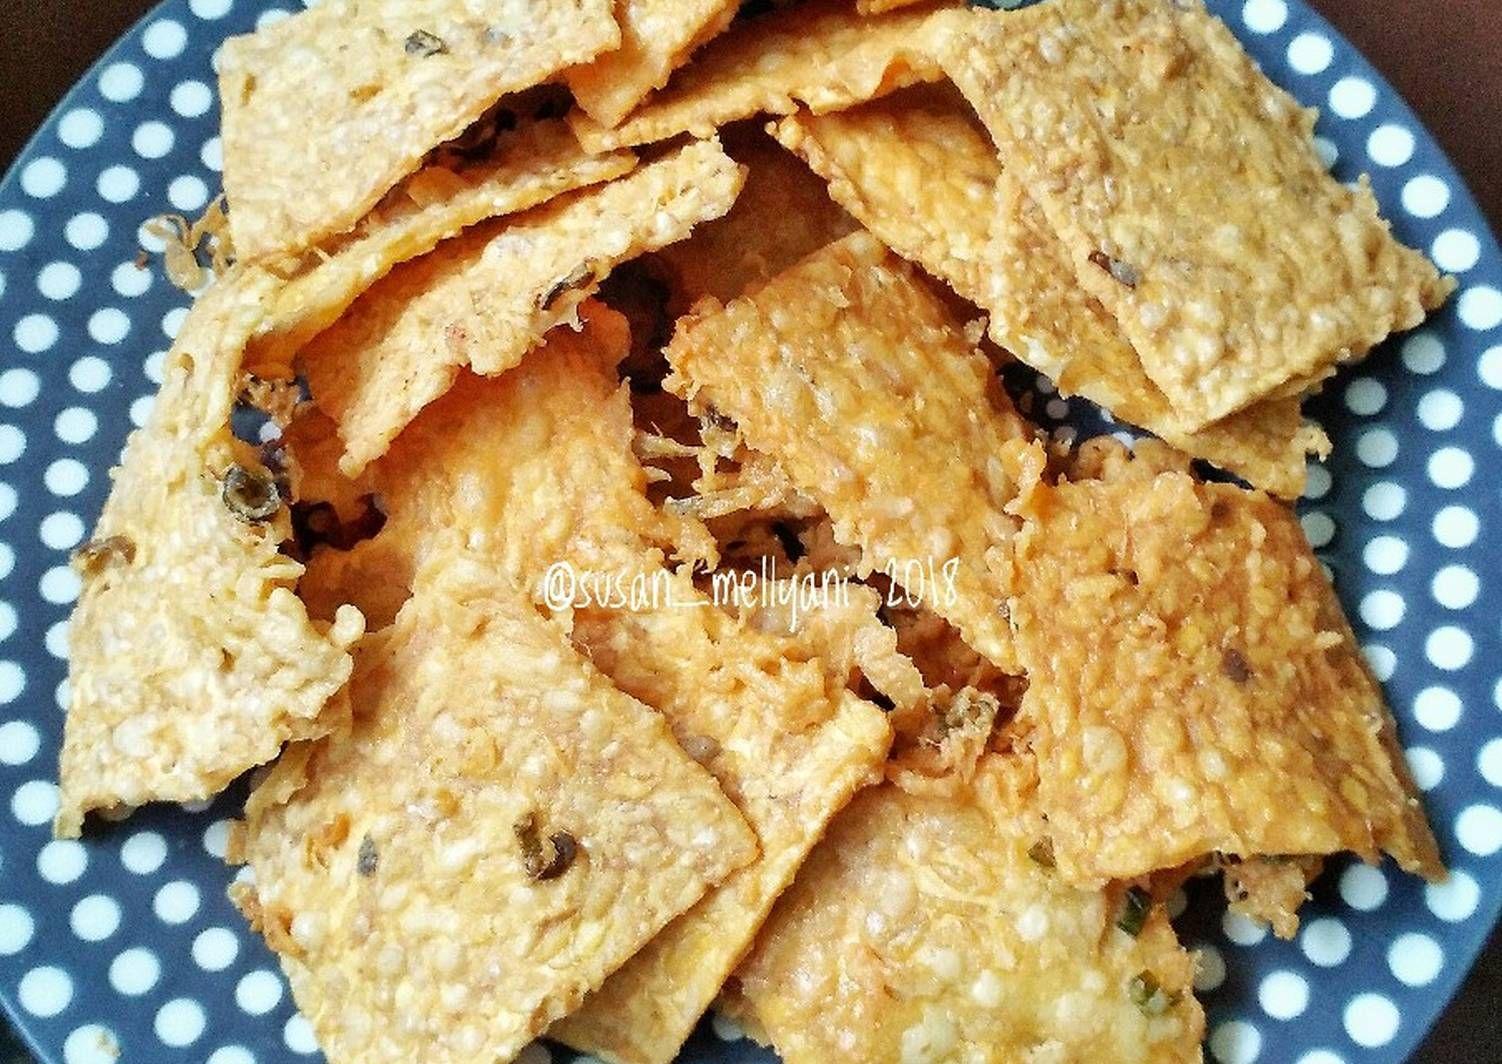 Resep Tempe Kriuk Ala Abang Gorengan Oleh Susan Mellyani Resep Resep Makanan Resep Tempe Makanan